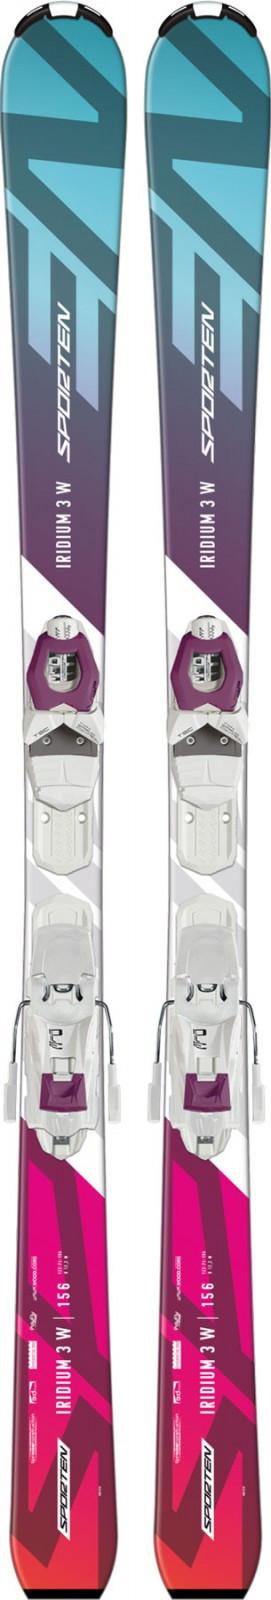 Sporten Iridium 3 W + VSS 310